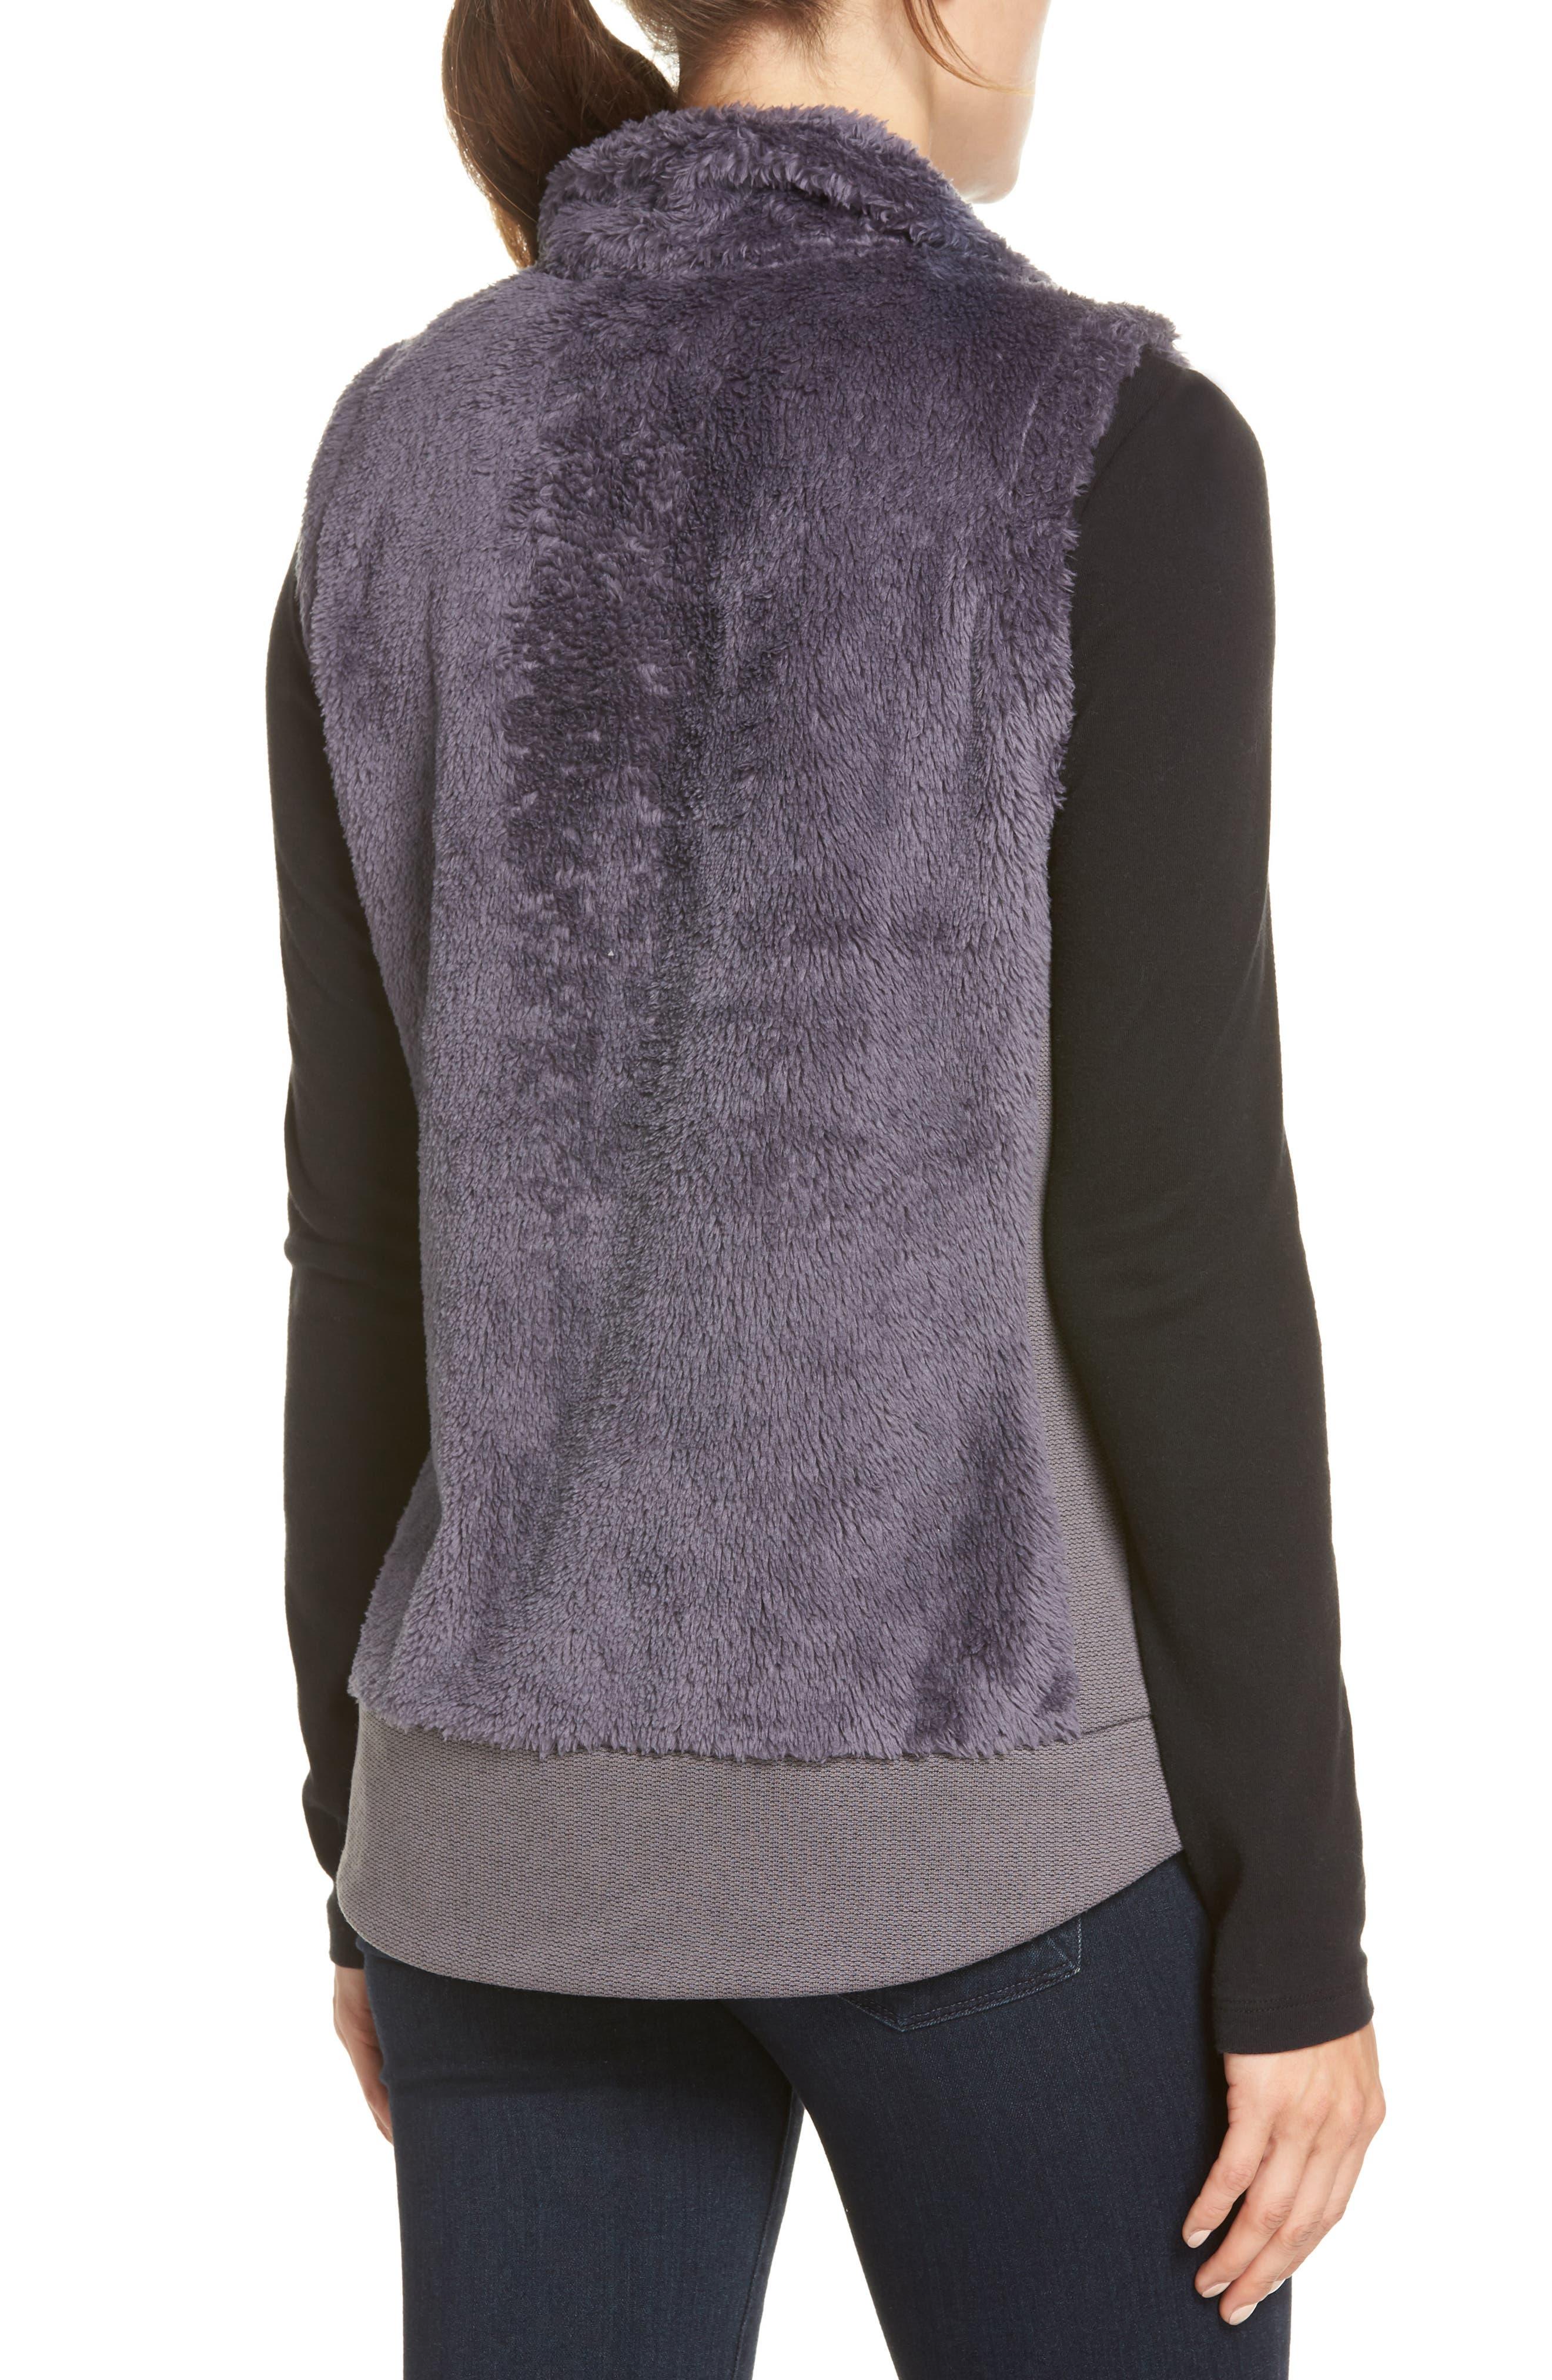 THE NORTH FACE,                             Faux Fur Vest,                             Alternate thumbnail 2, color,                             021